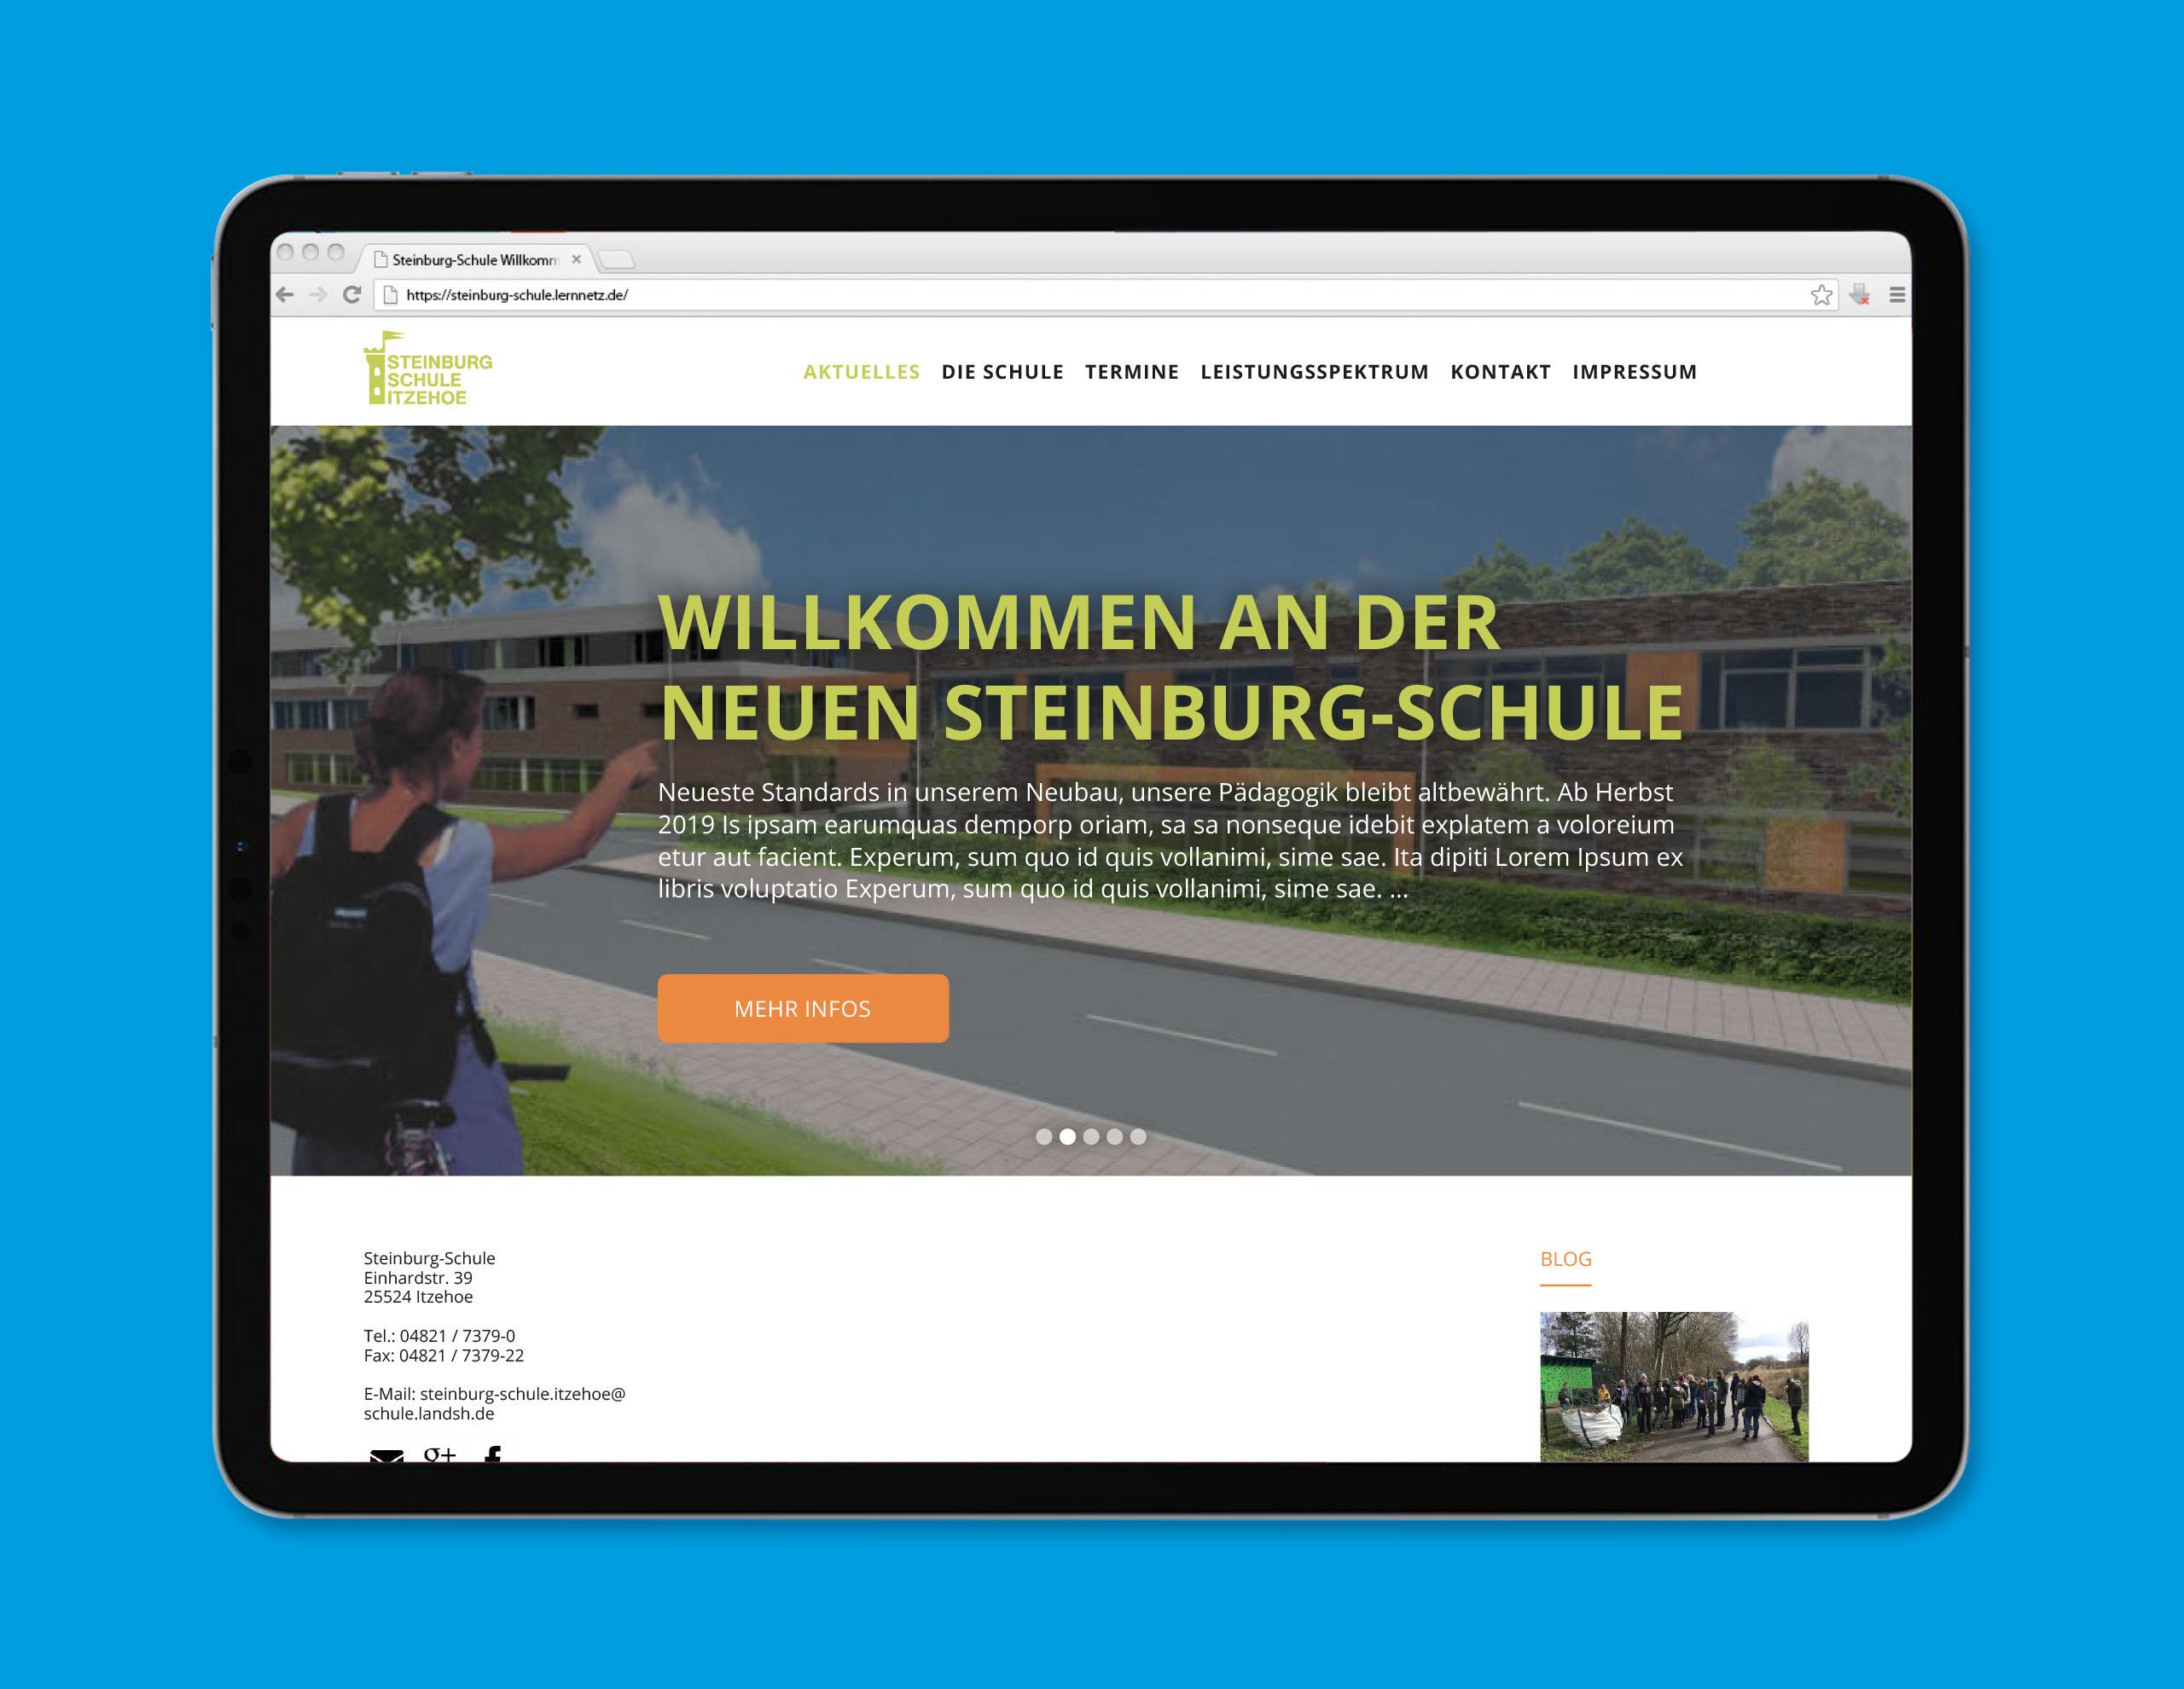 Steinburg-Schule_Web_Version_3_1